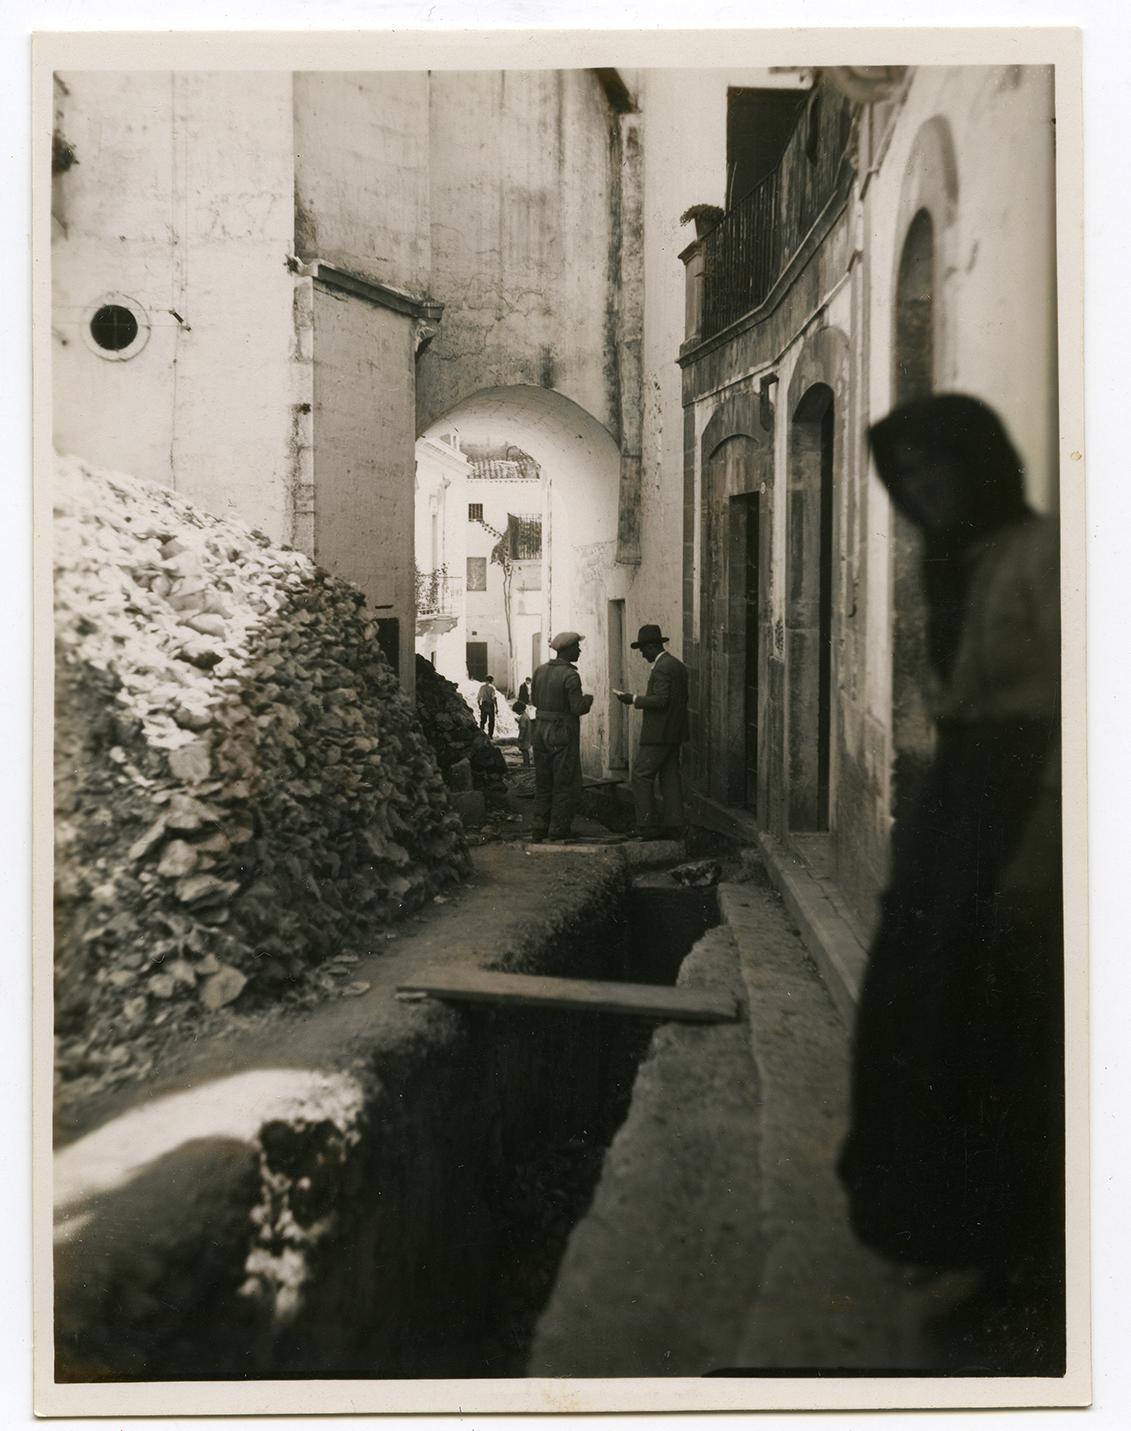 La fognatura del 1932